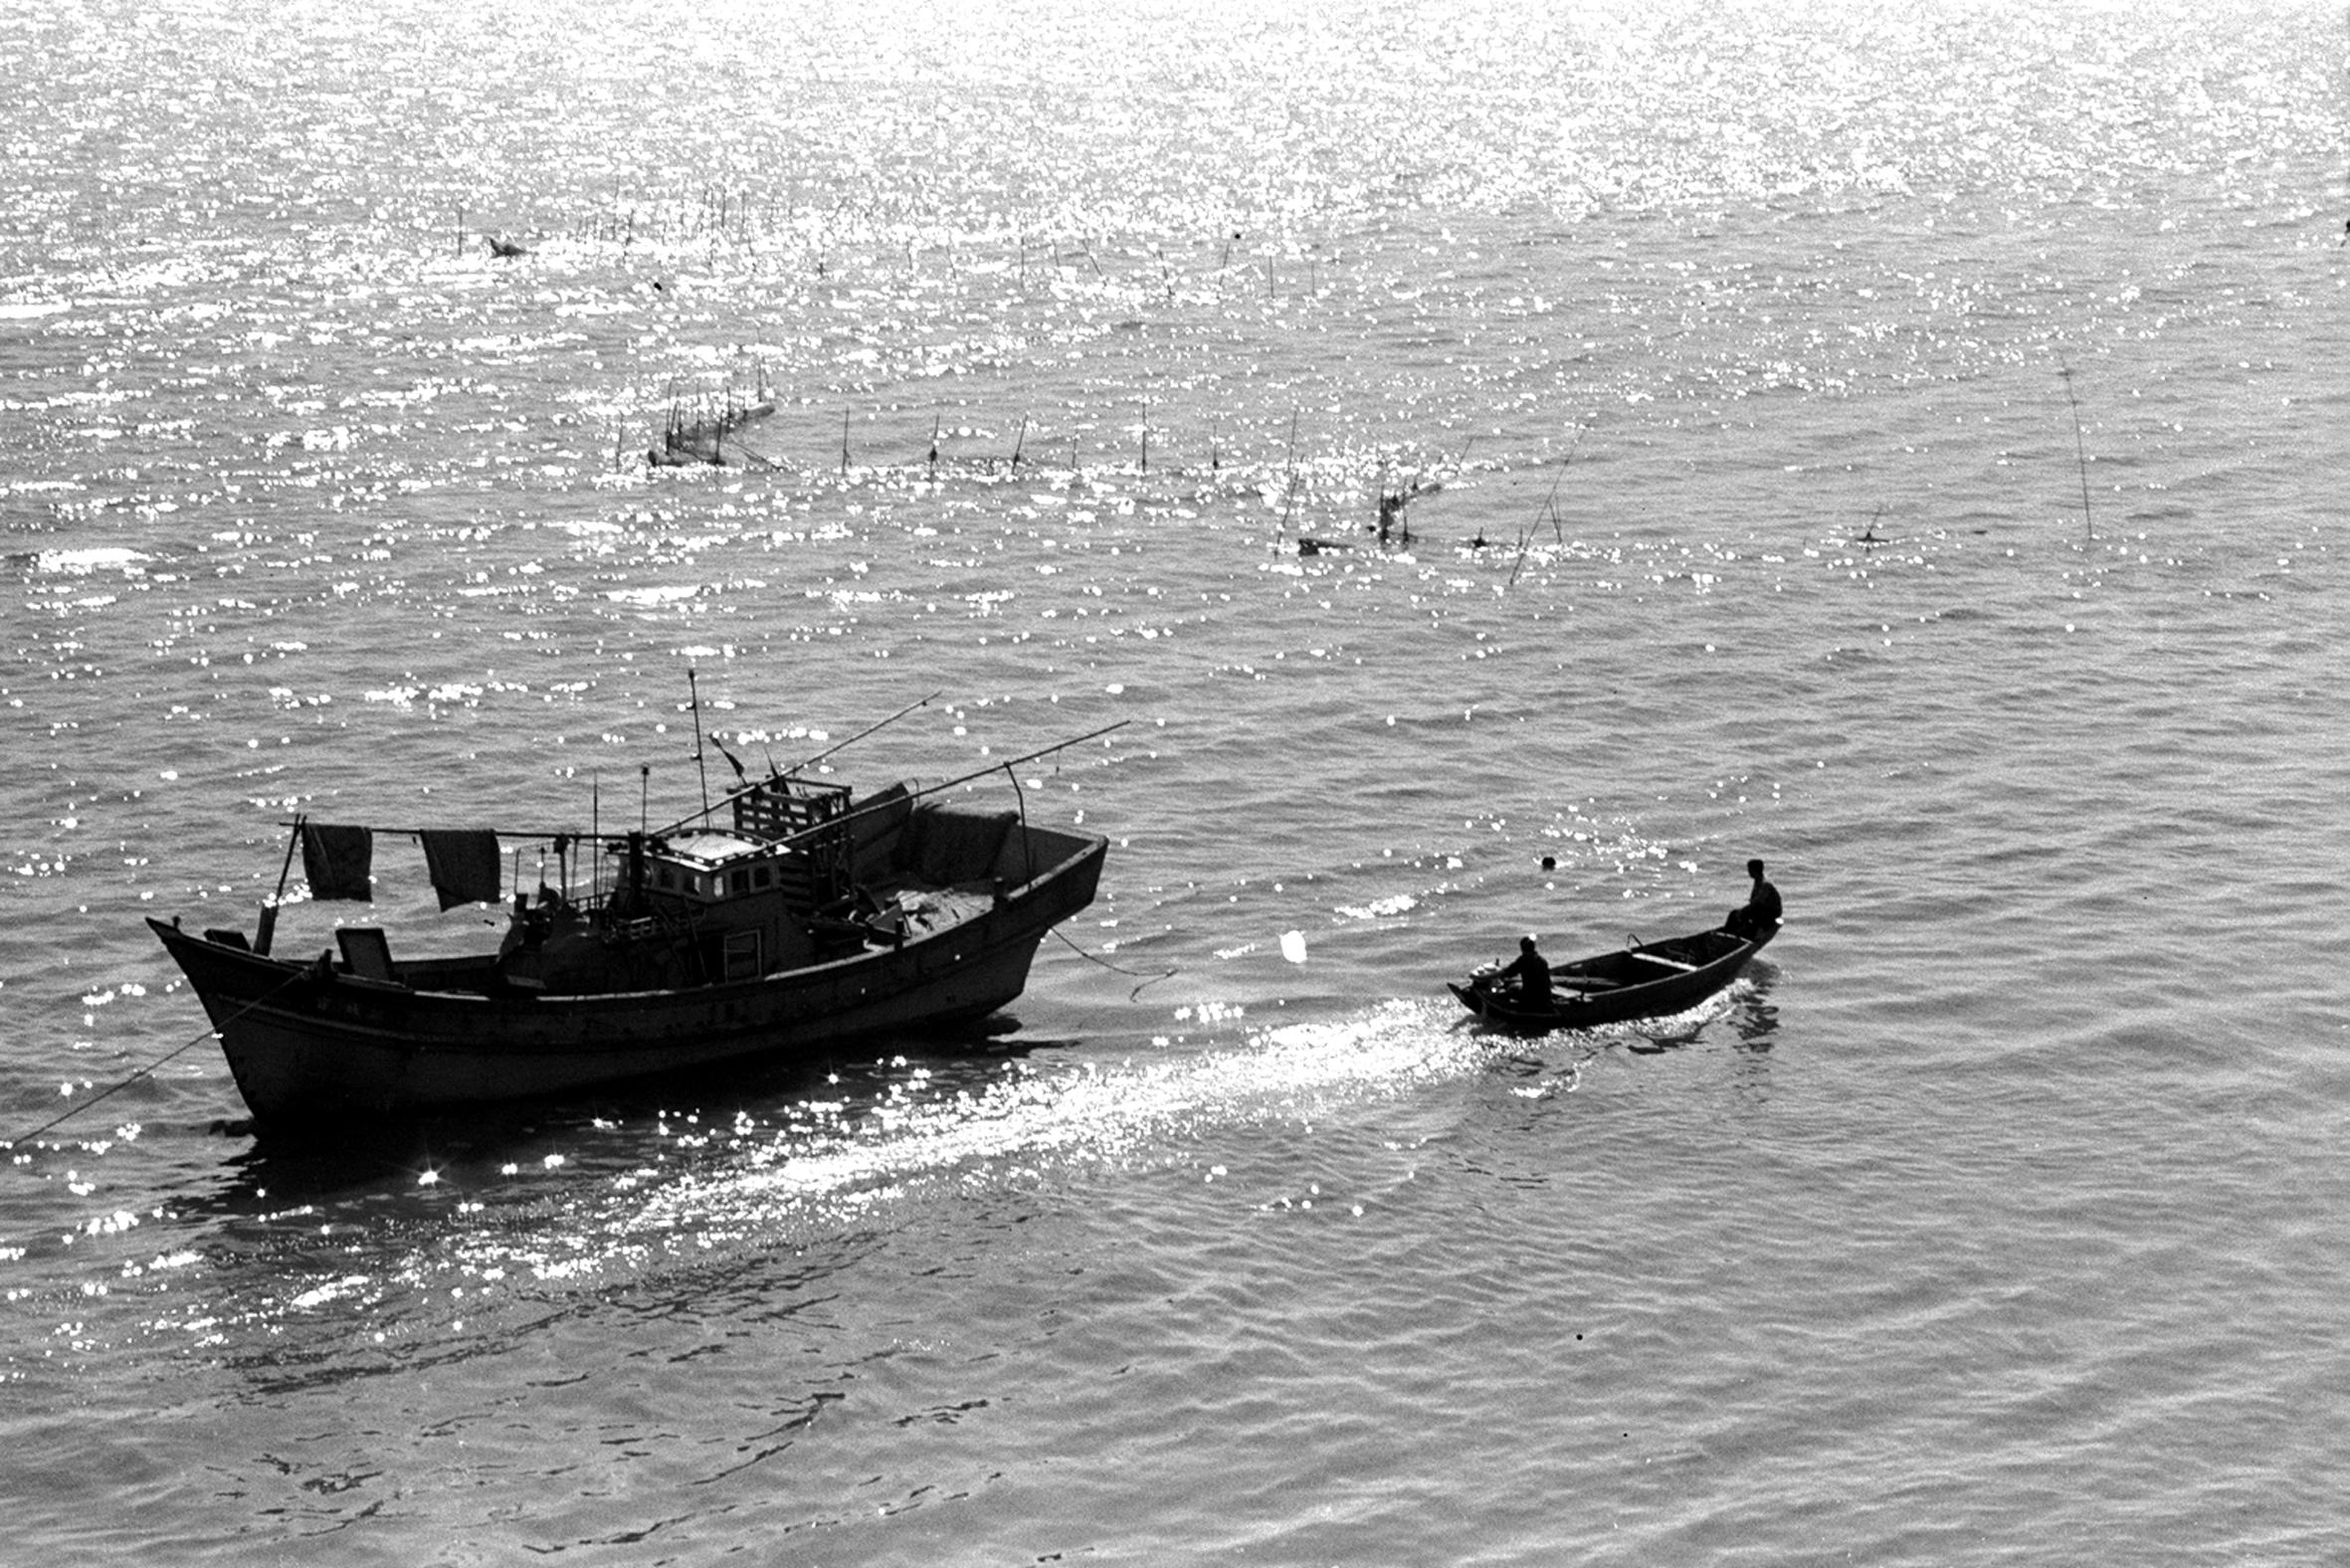 銀光灑滿淡江水 1969.3.30